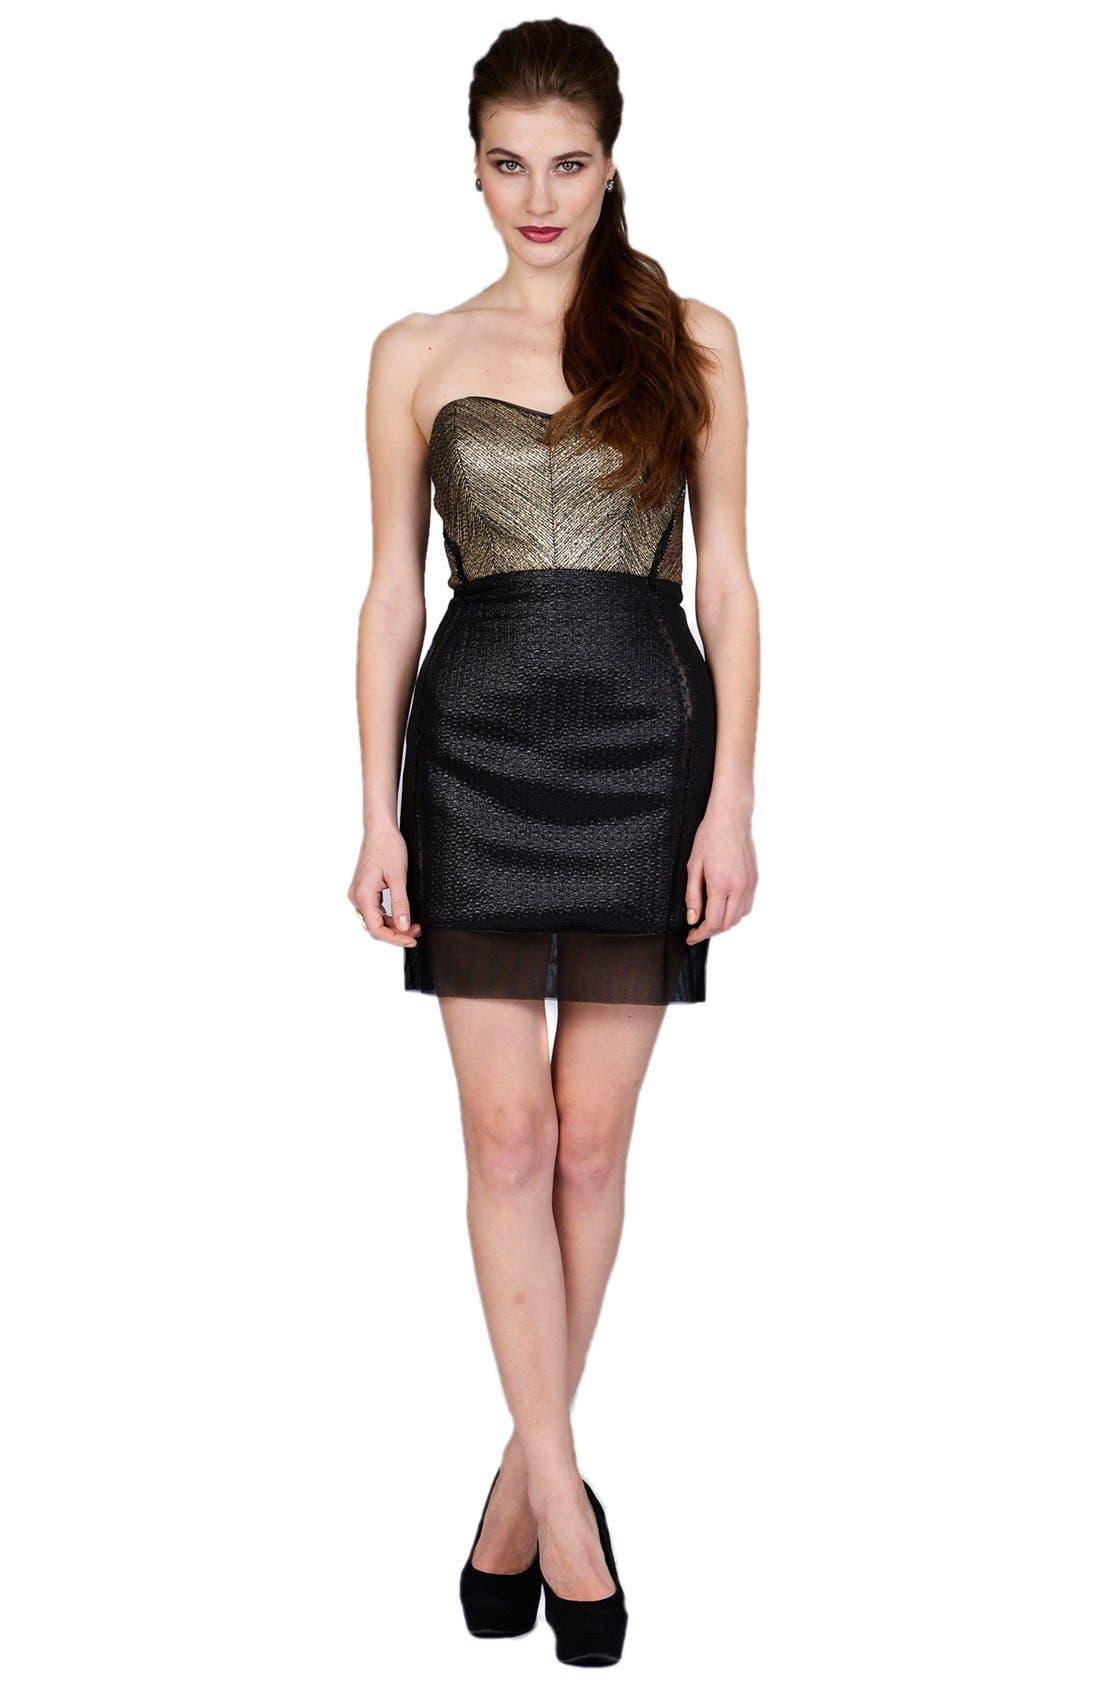 Alternate Image 1 Selected - Phoebe by Kay Unger Metallic Bodice Mixed Jacquard Sheath Dress